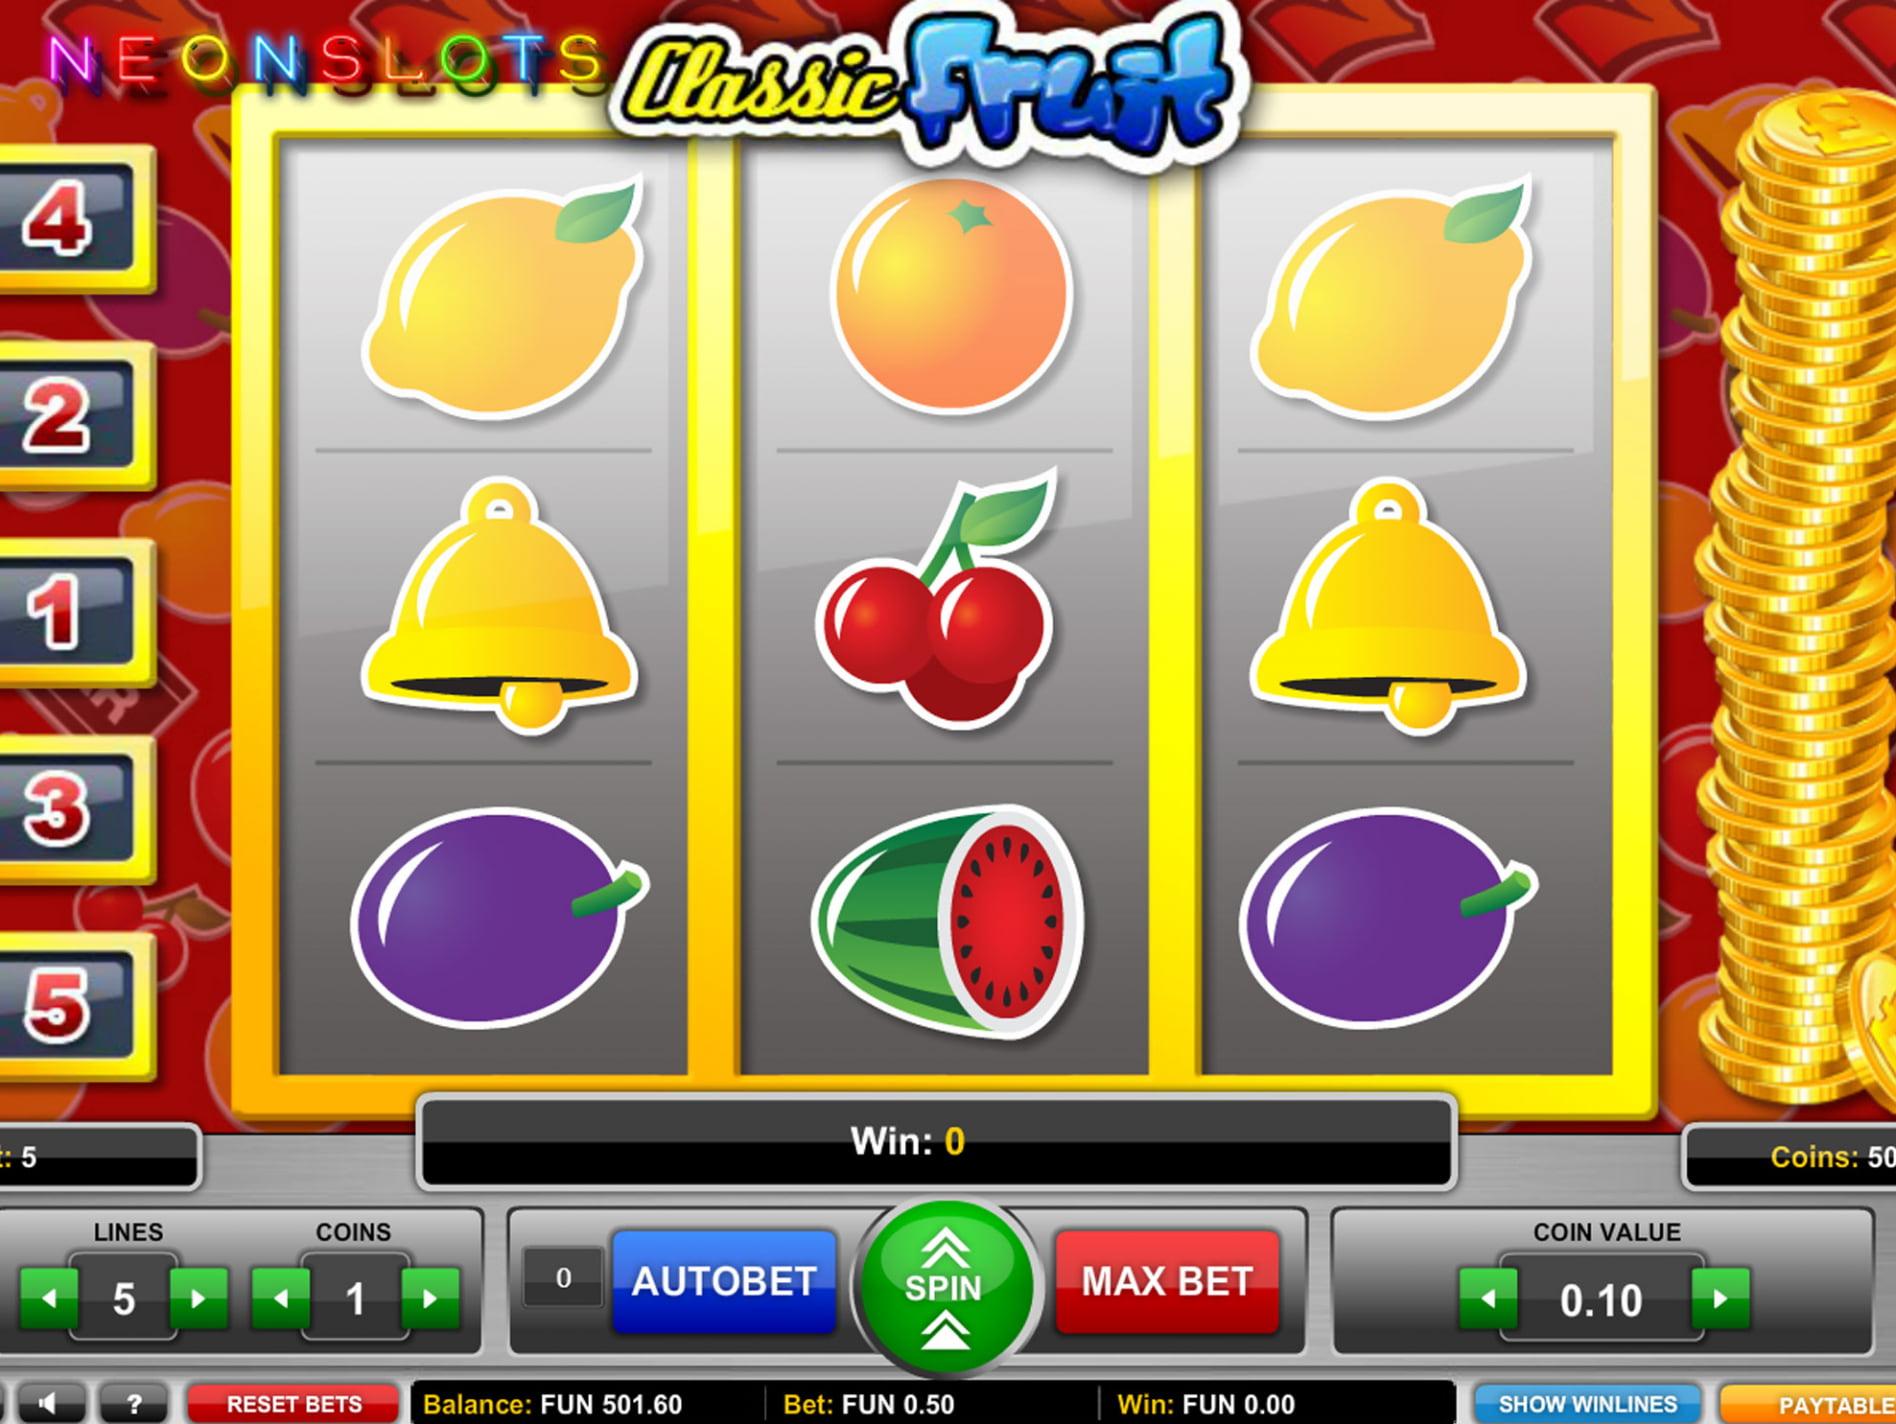 Bingo keno casino online legales en Santiago 470651